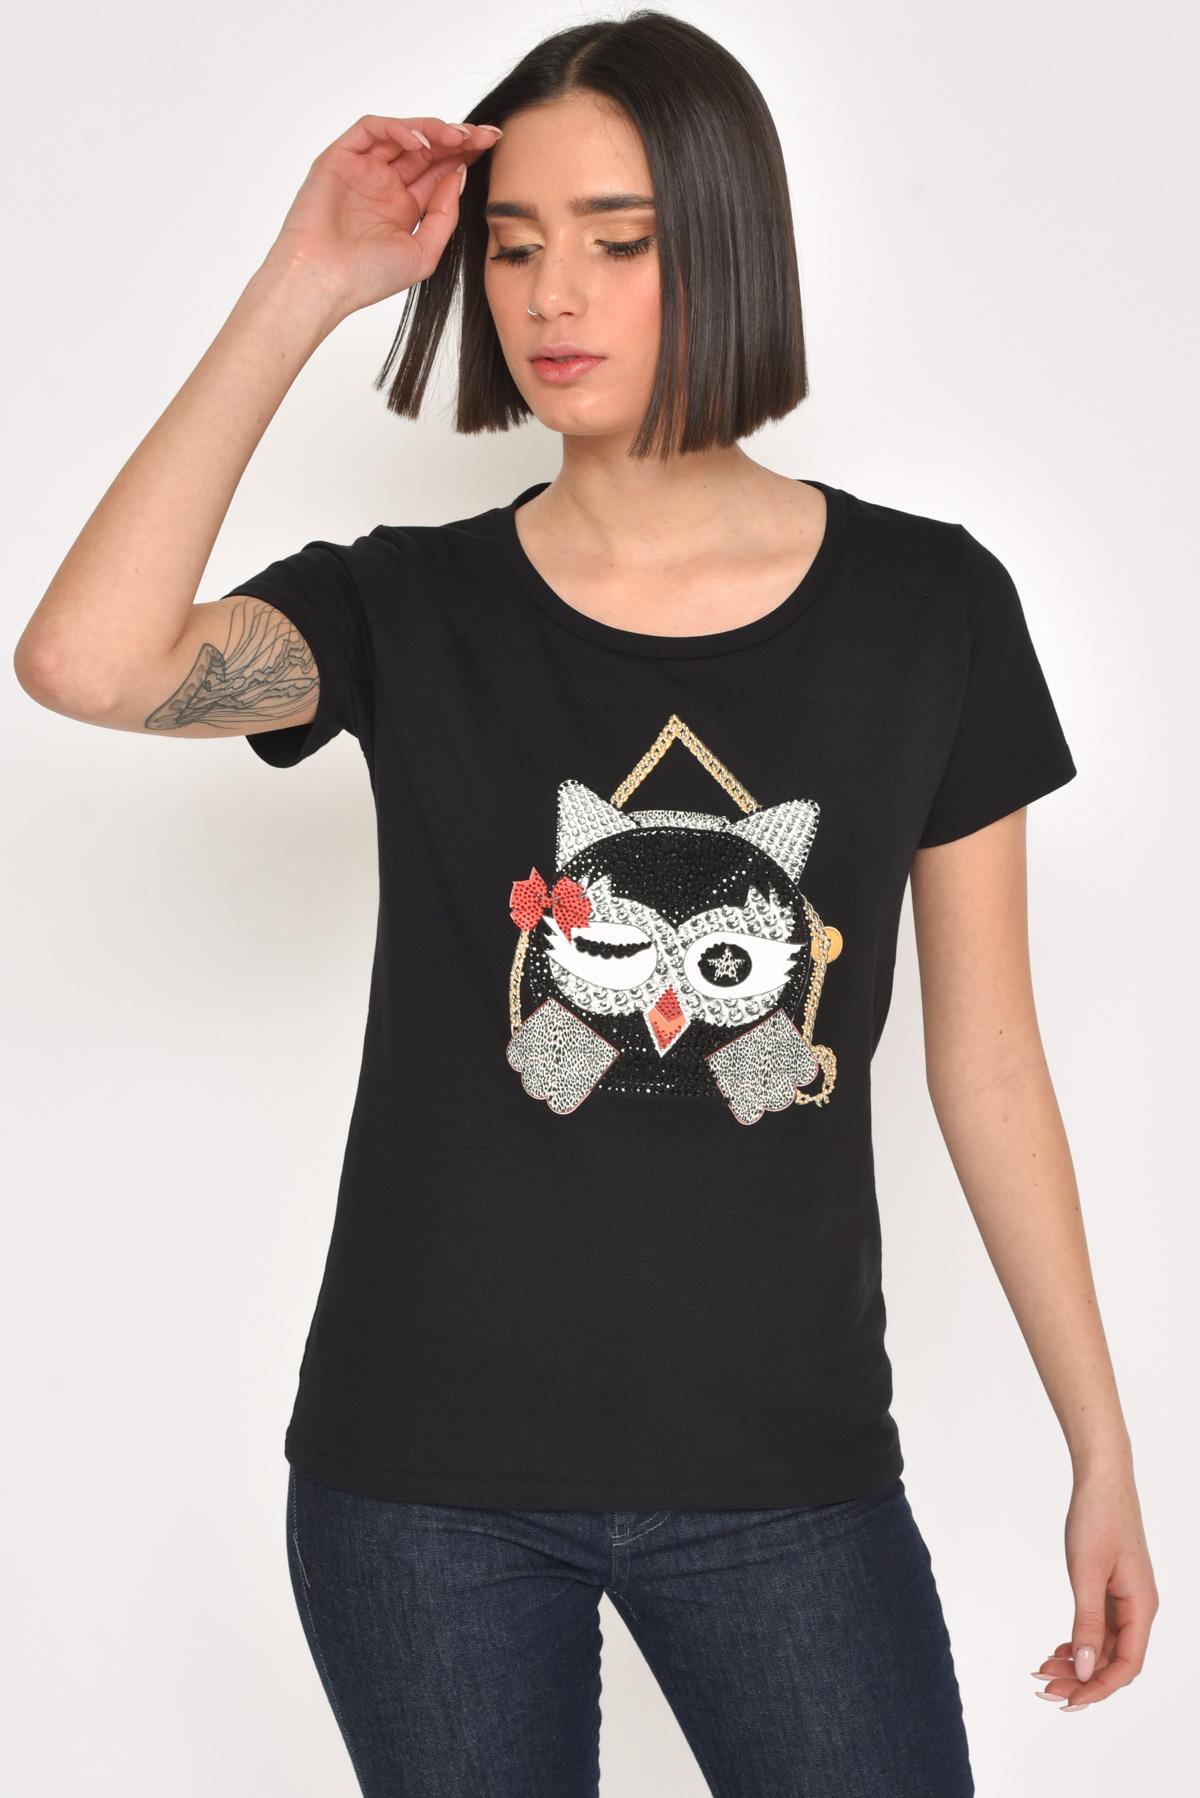 T-SHIRT IN COTONE STAMPA CON STRASS da donna -  - Paquito Pronto Moda Shop Online